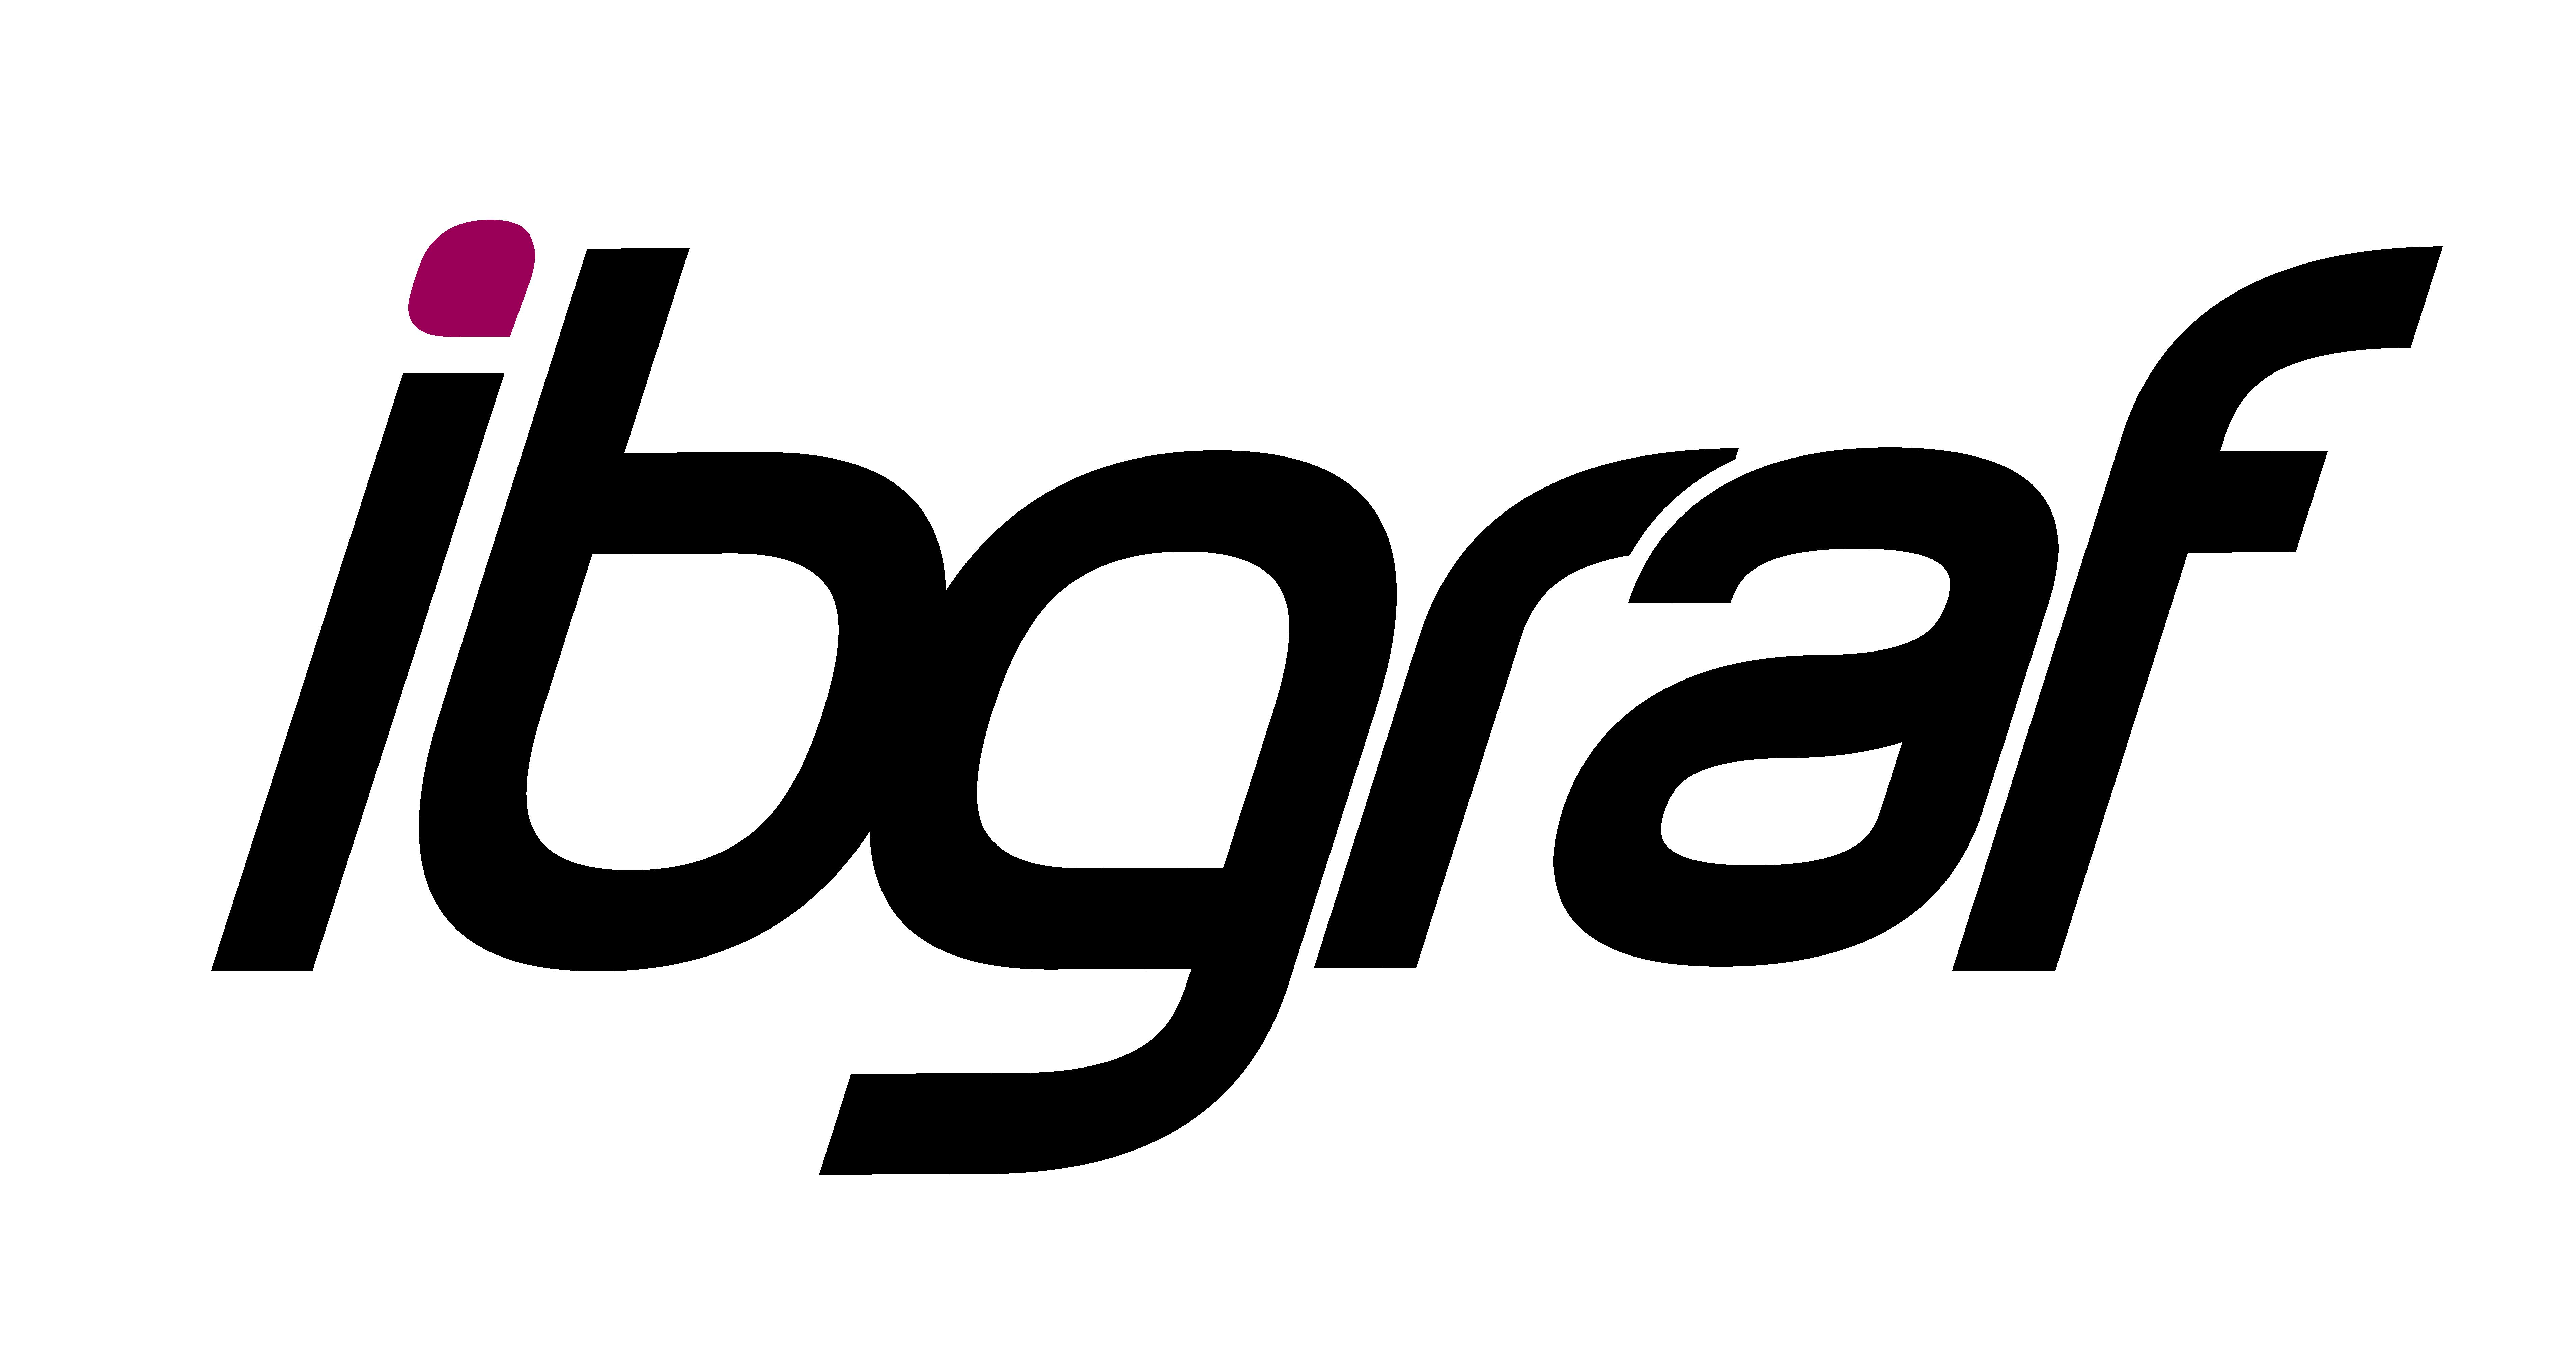 ibgraf logo.png